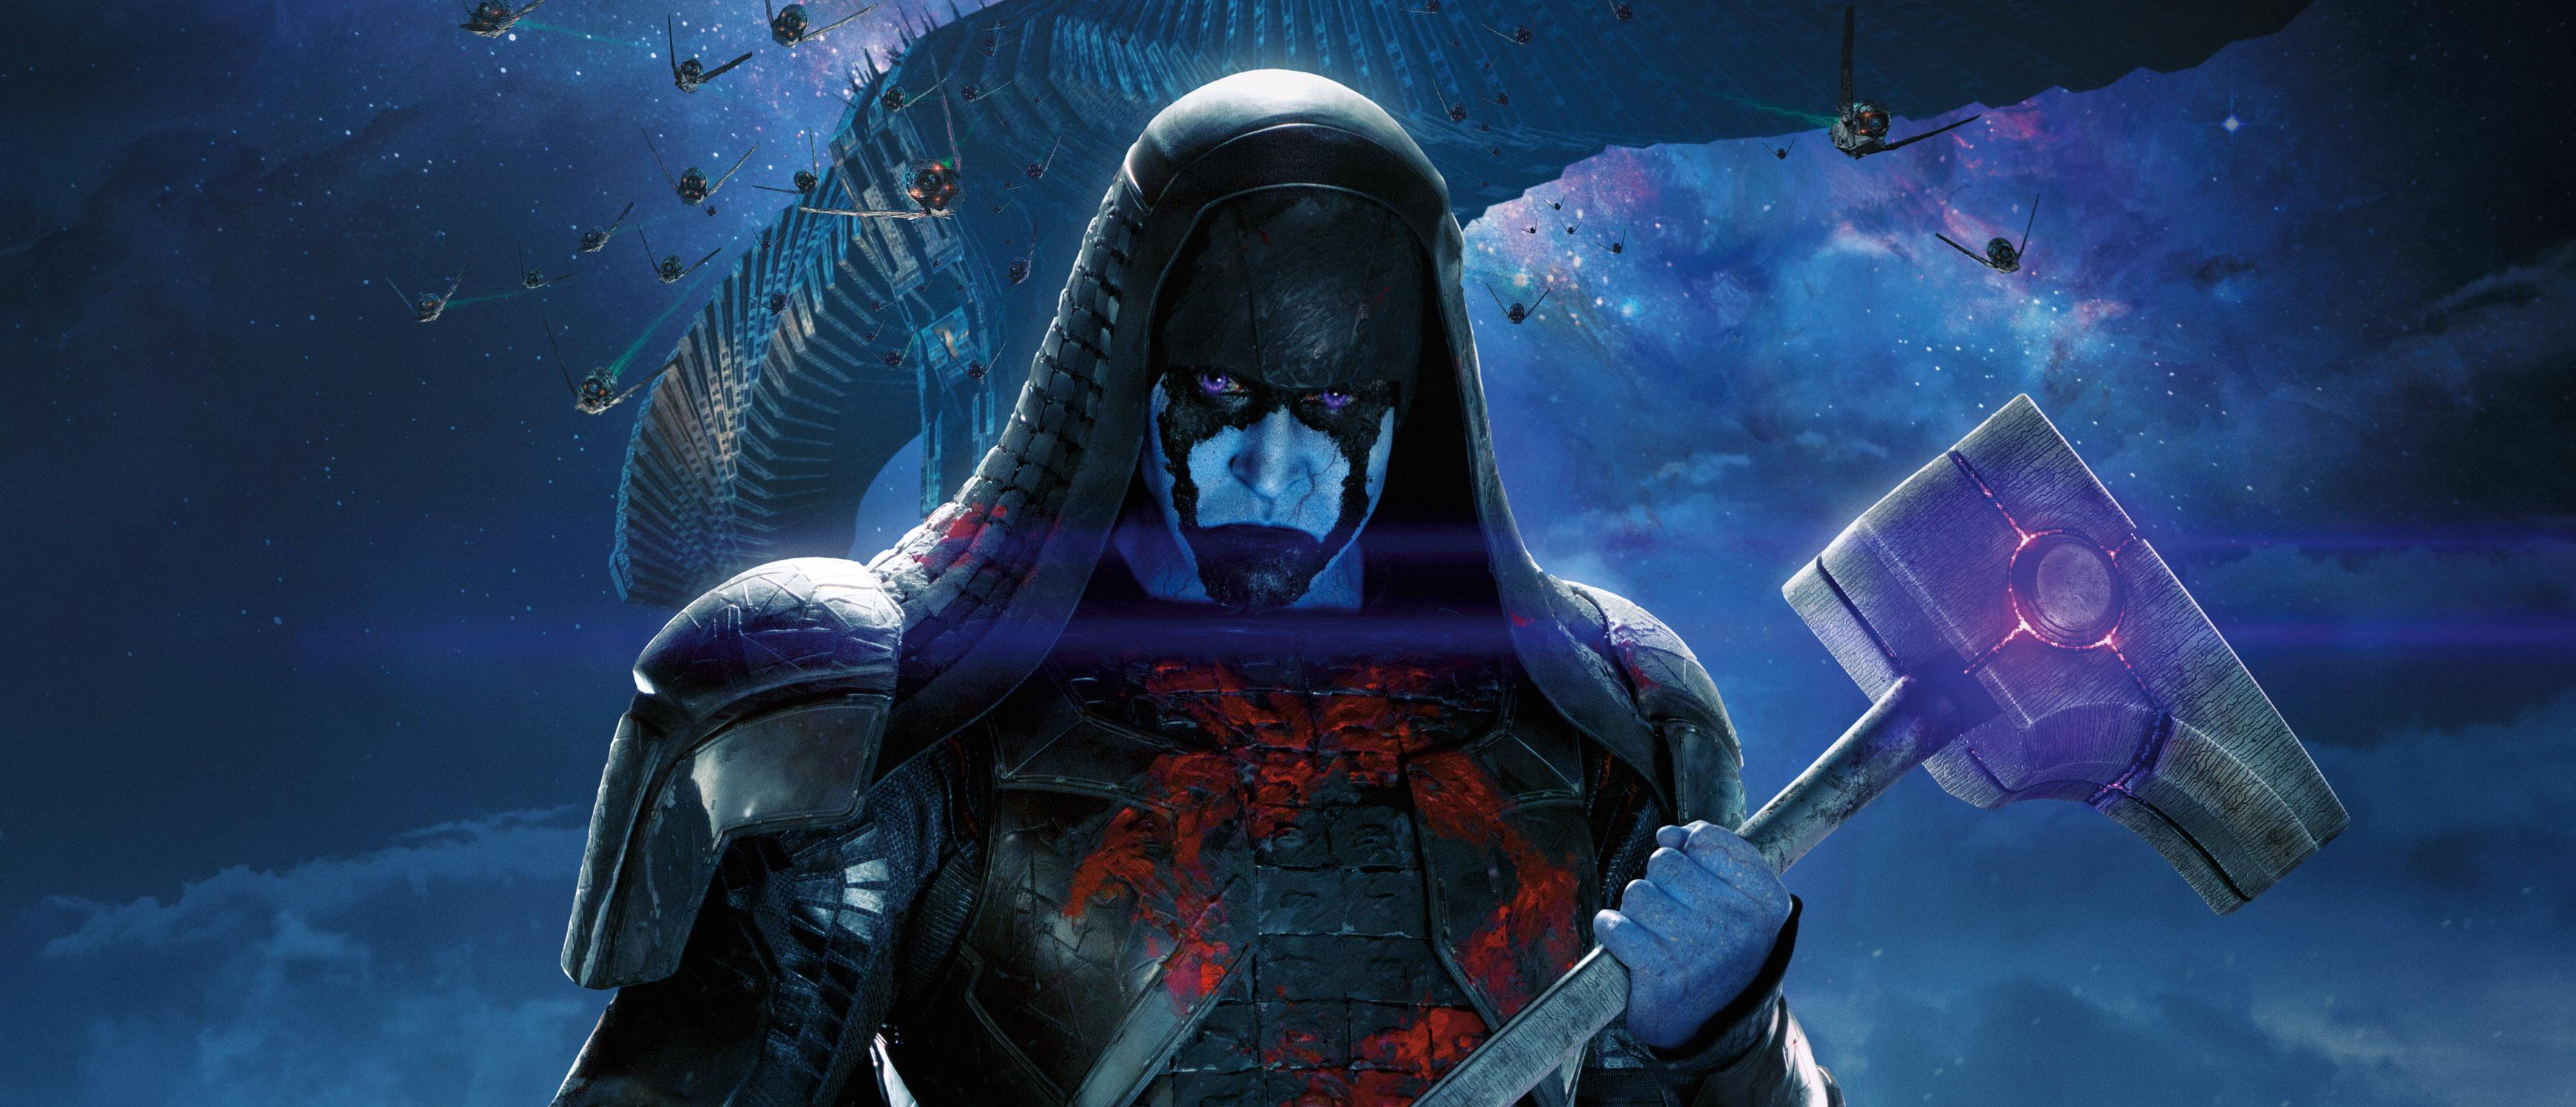 Ronan Guardians Of The Galaxy Schauspieler